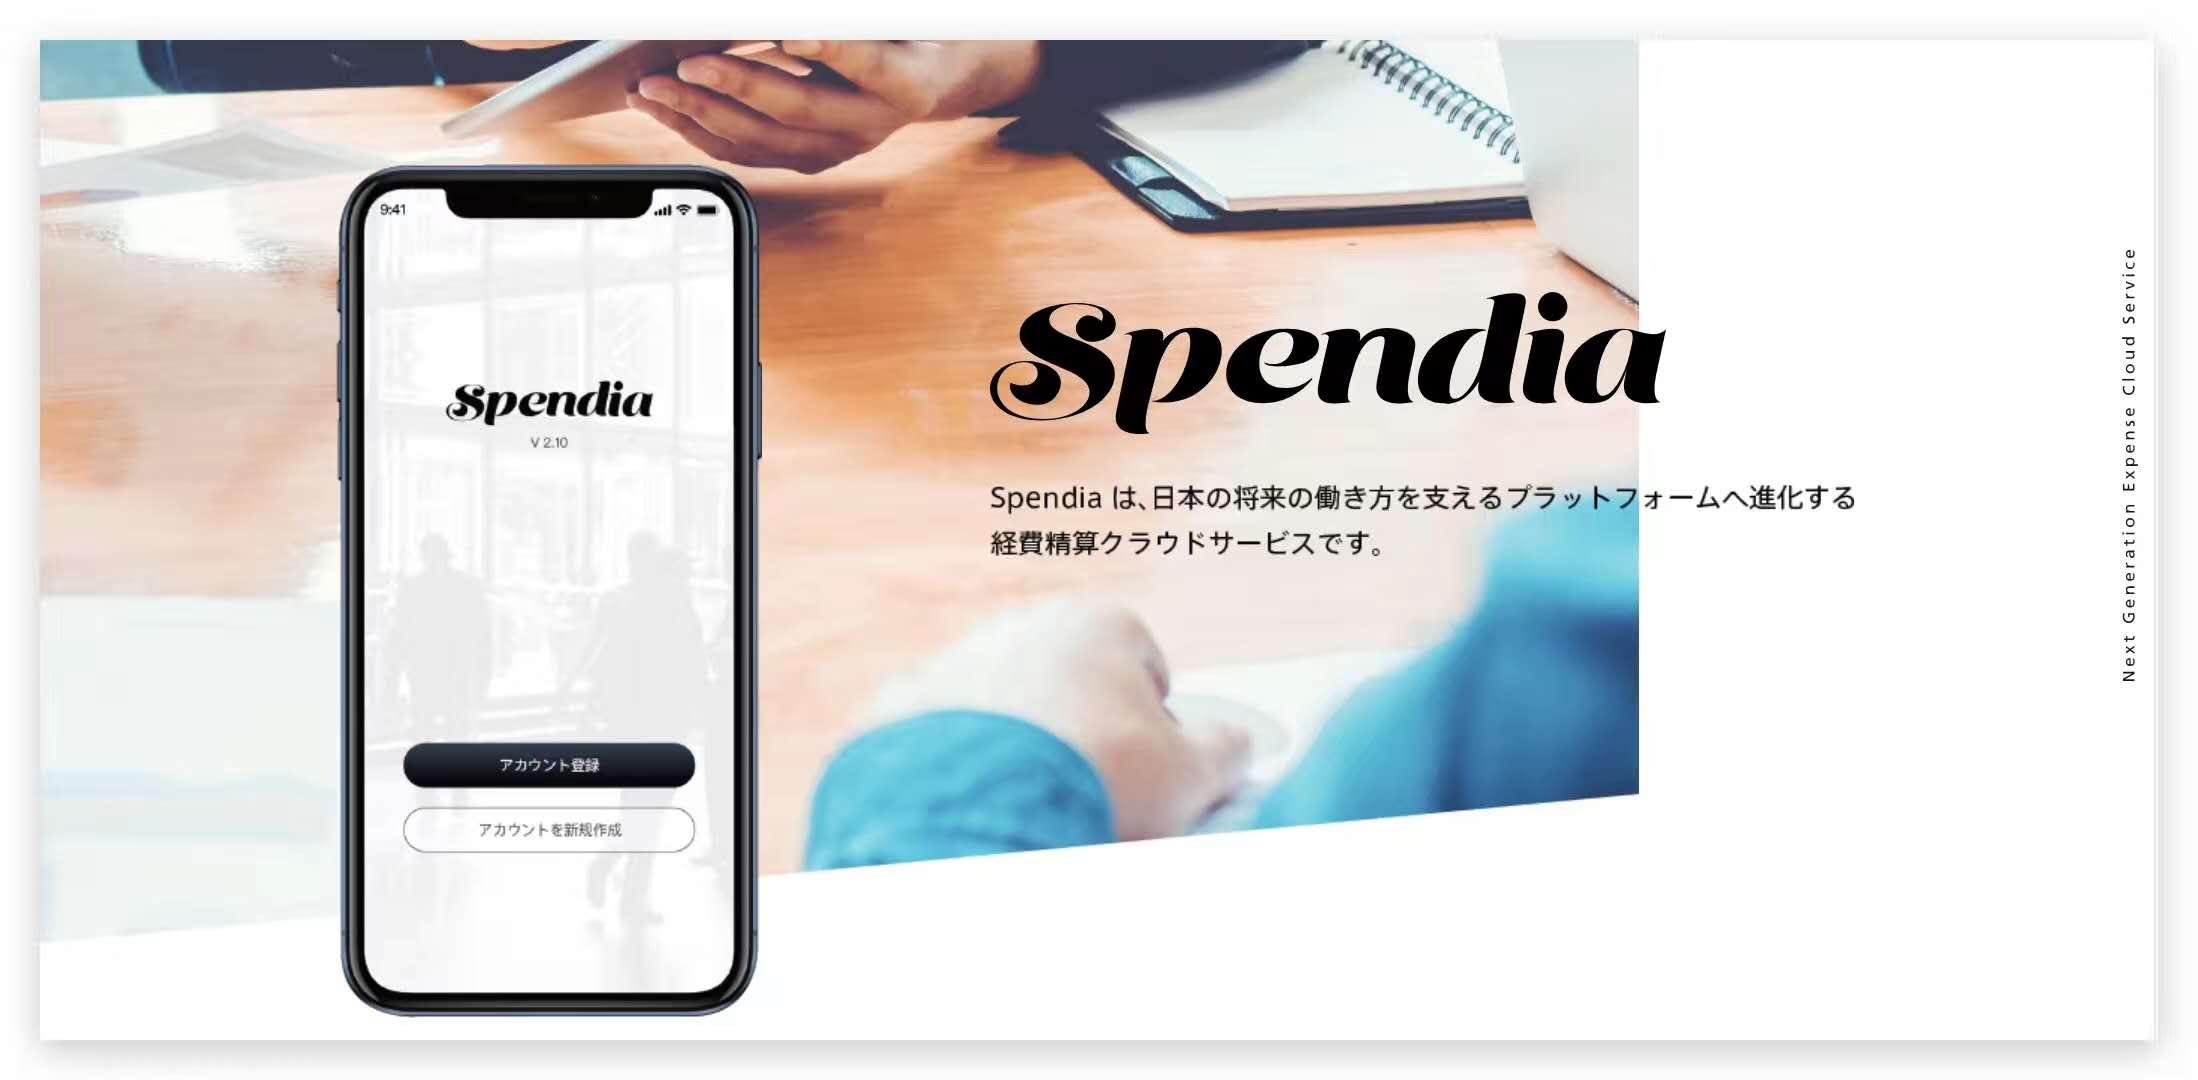 Spendia 汇联易 1